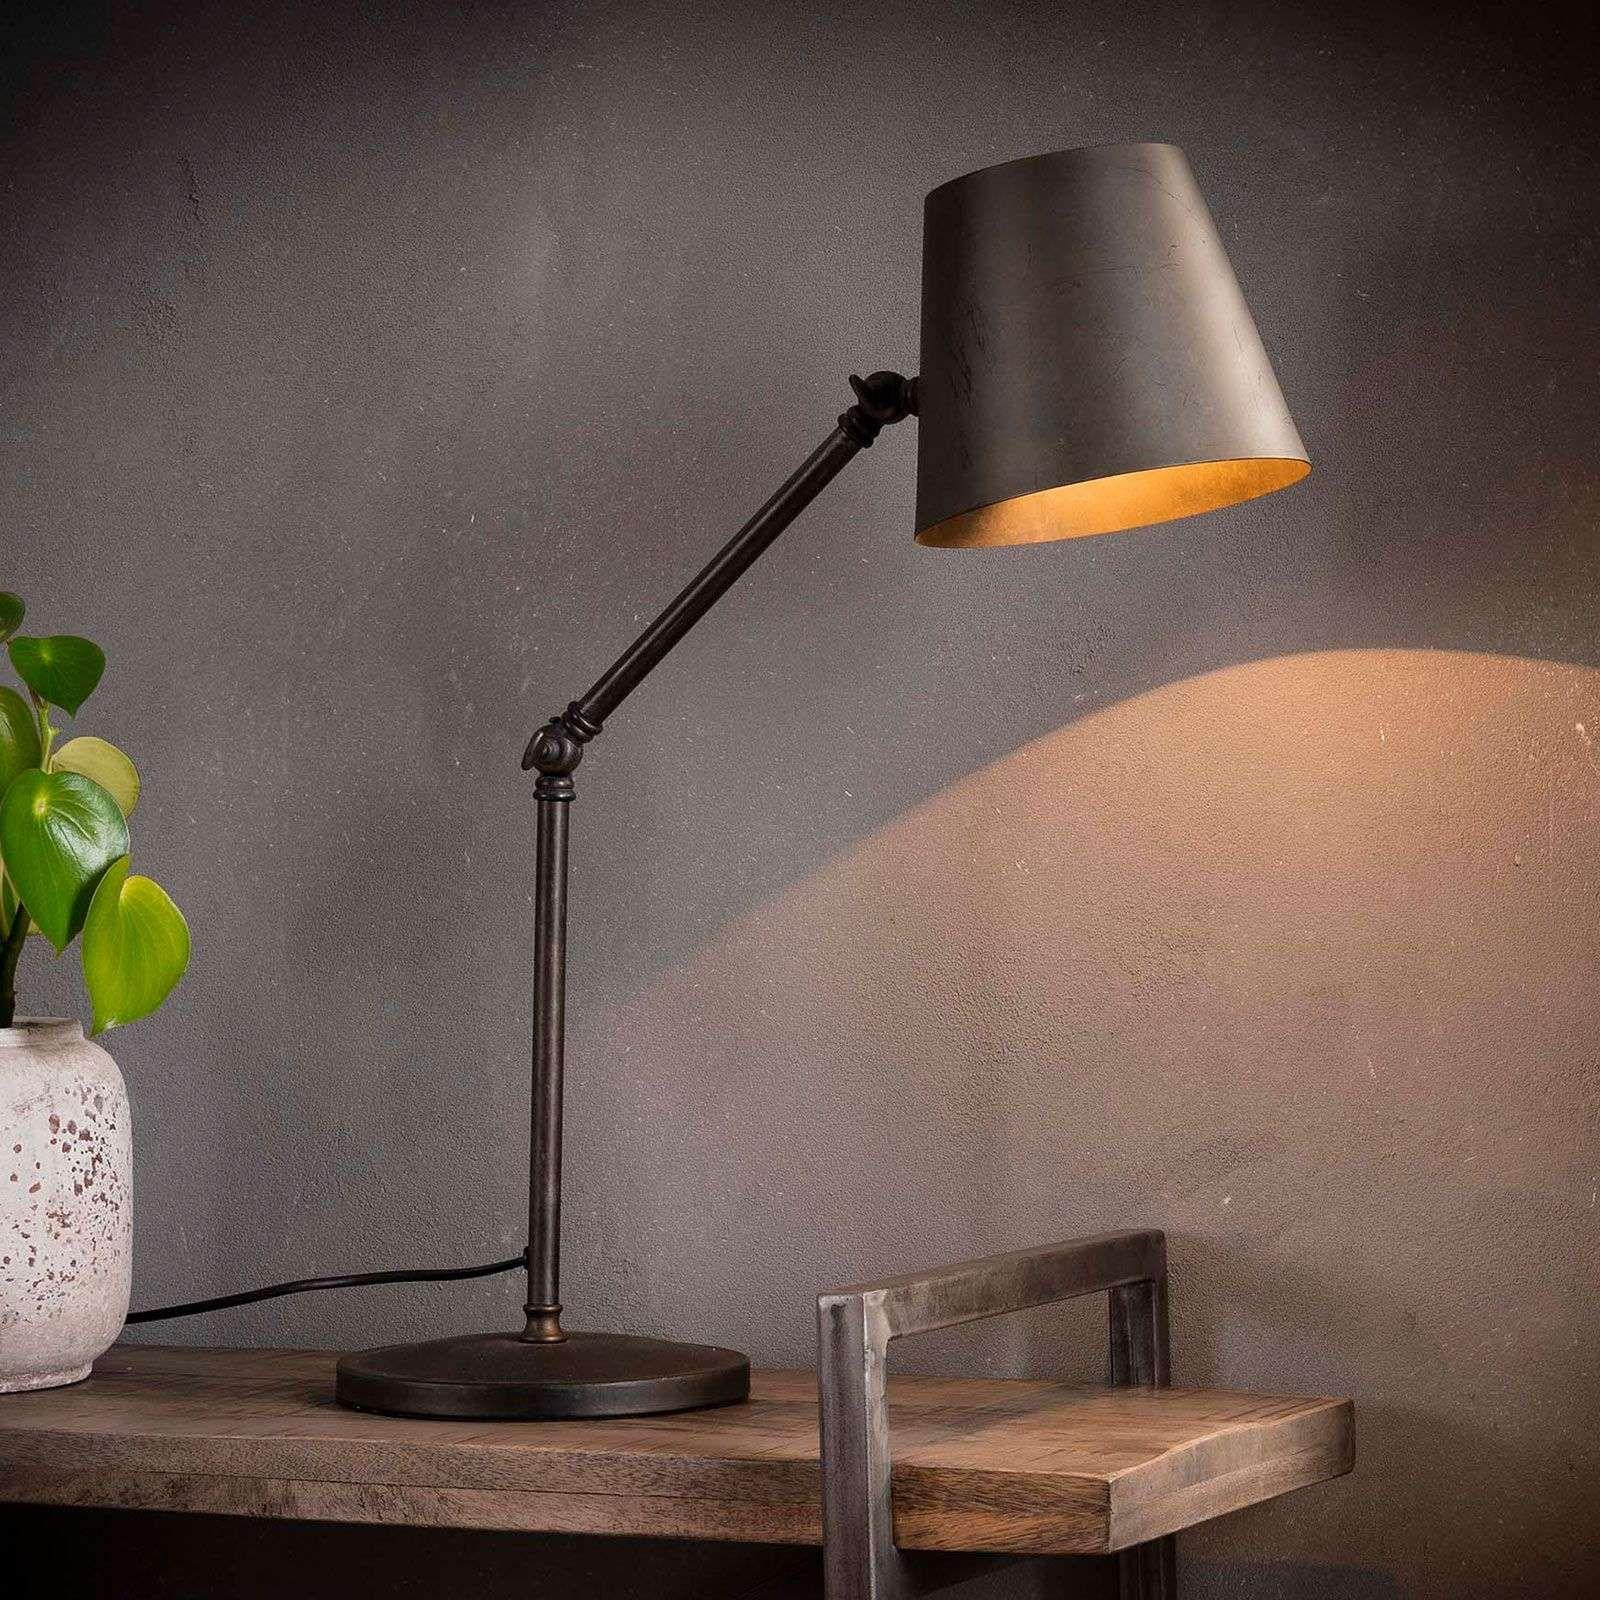 Buro Tischleuchten Tischlampe Vintage Style Tischleuchte Gross Holzfuss Nachttischleuchte Led Lampe Mit In 2020 Tischleuchte Lampe Mit Batterie Leuchtstoffrohre